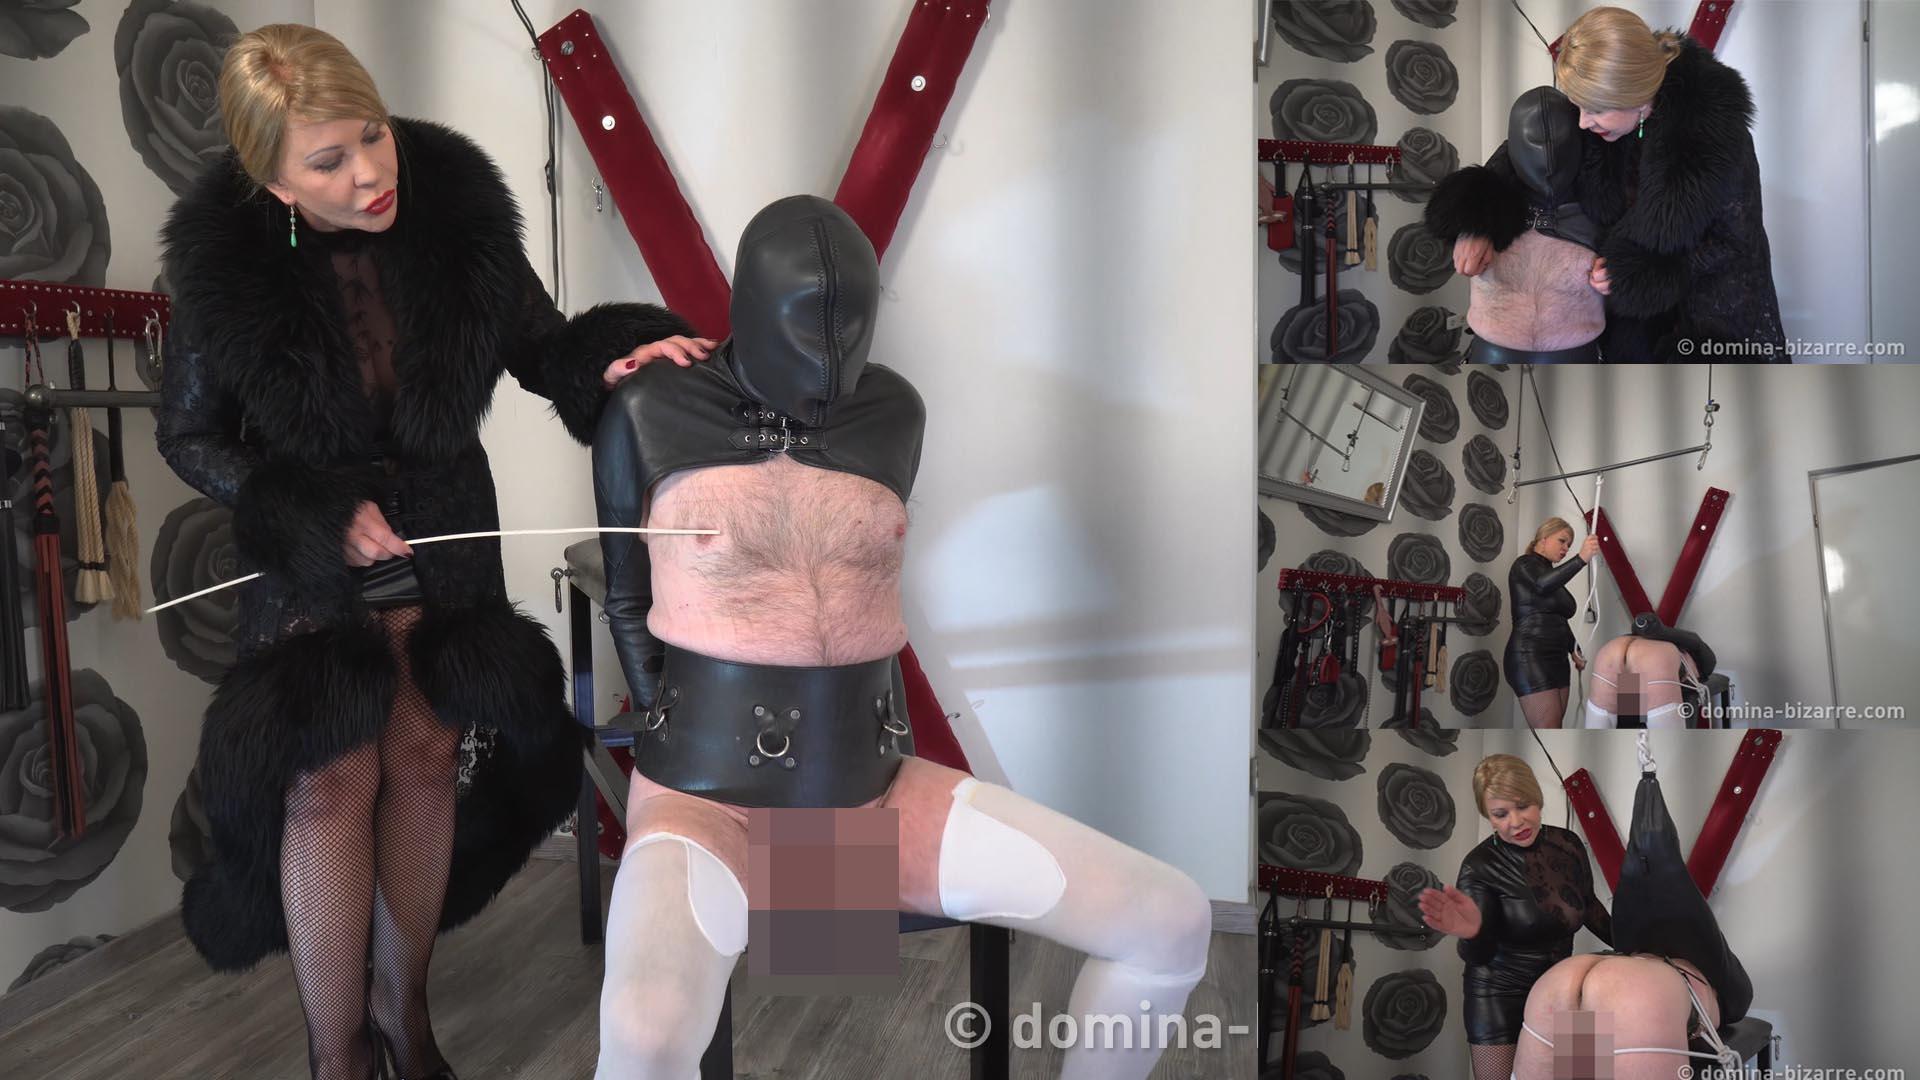 Der Sklave im Rosenzimmer - Teil 1